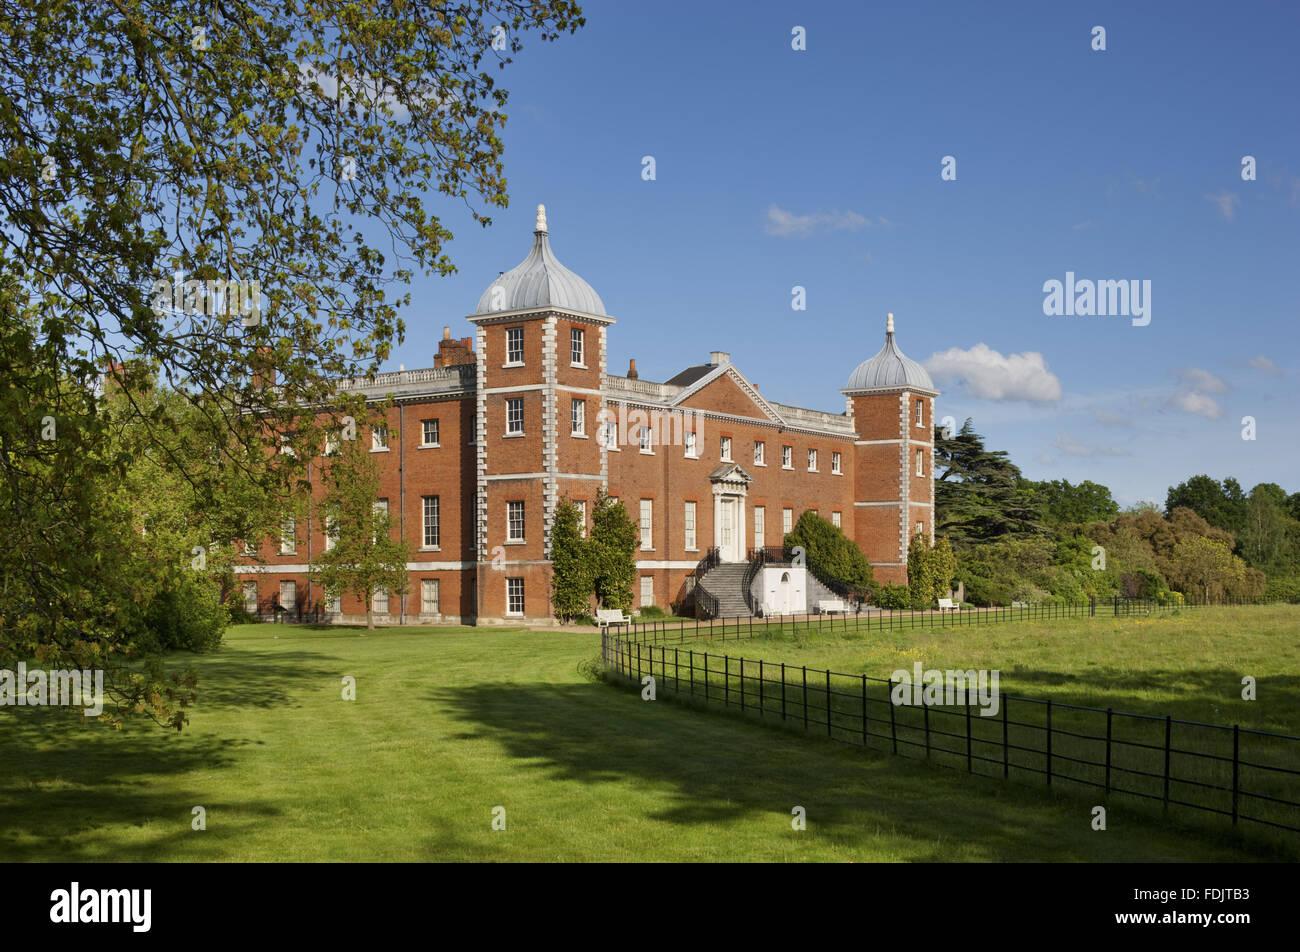 El oeste o el jardín delantero de la casa con escaleras curva en Osterley, Middlesex. La casa fue originalmente isabelino, y remodelada en 1760 - 80 por Robert Adam. Foto de stock